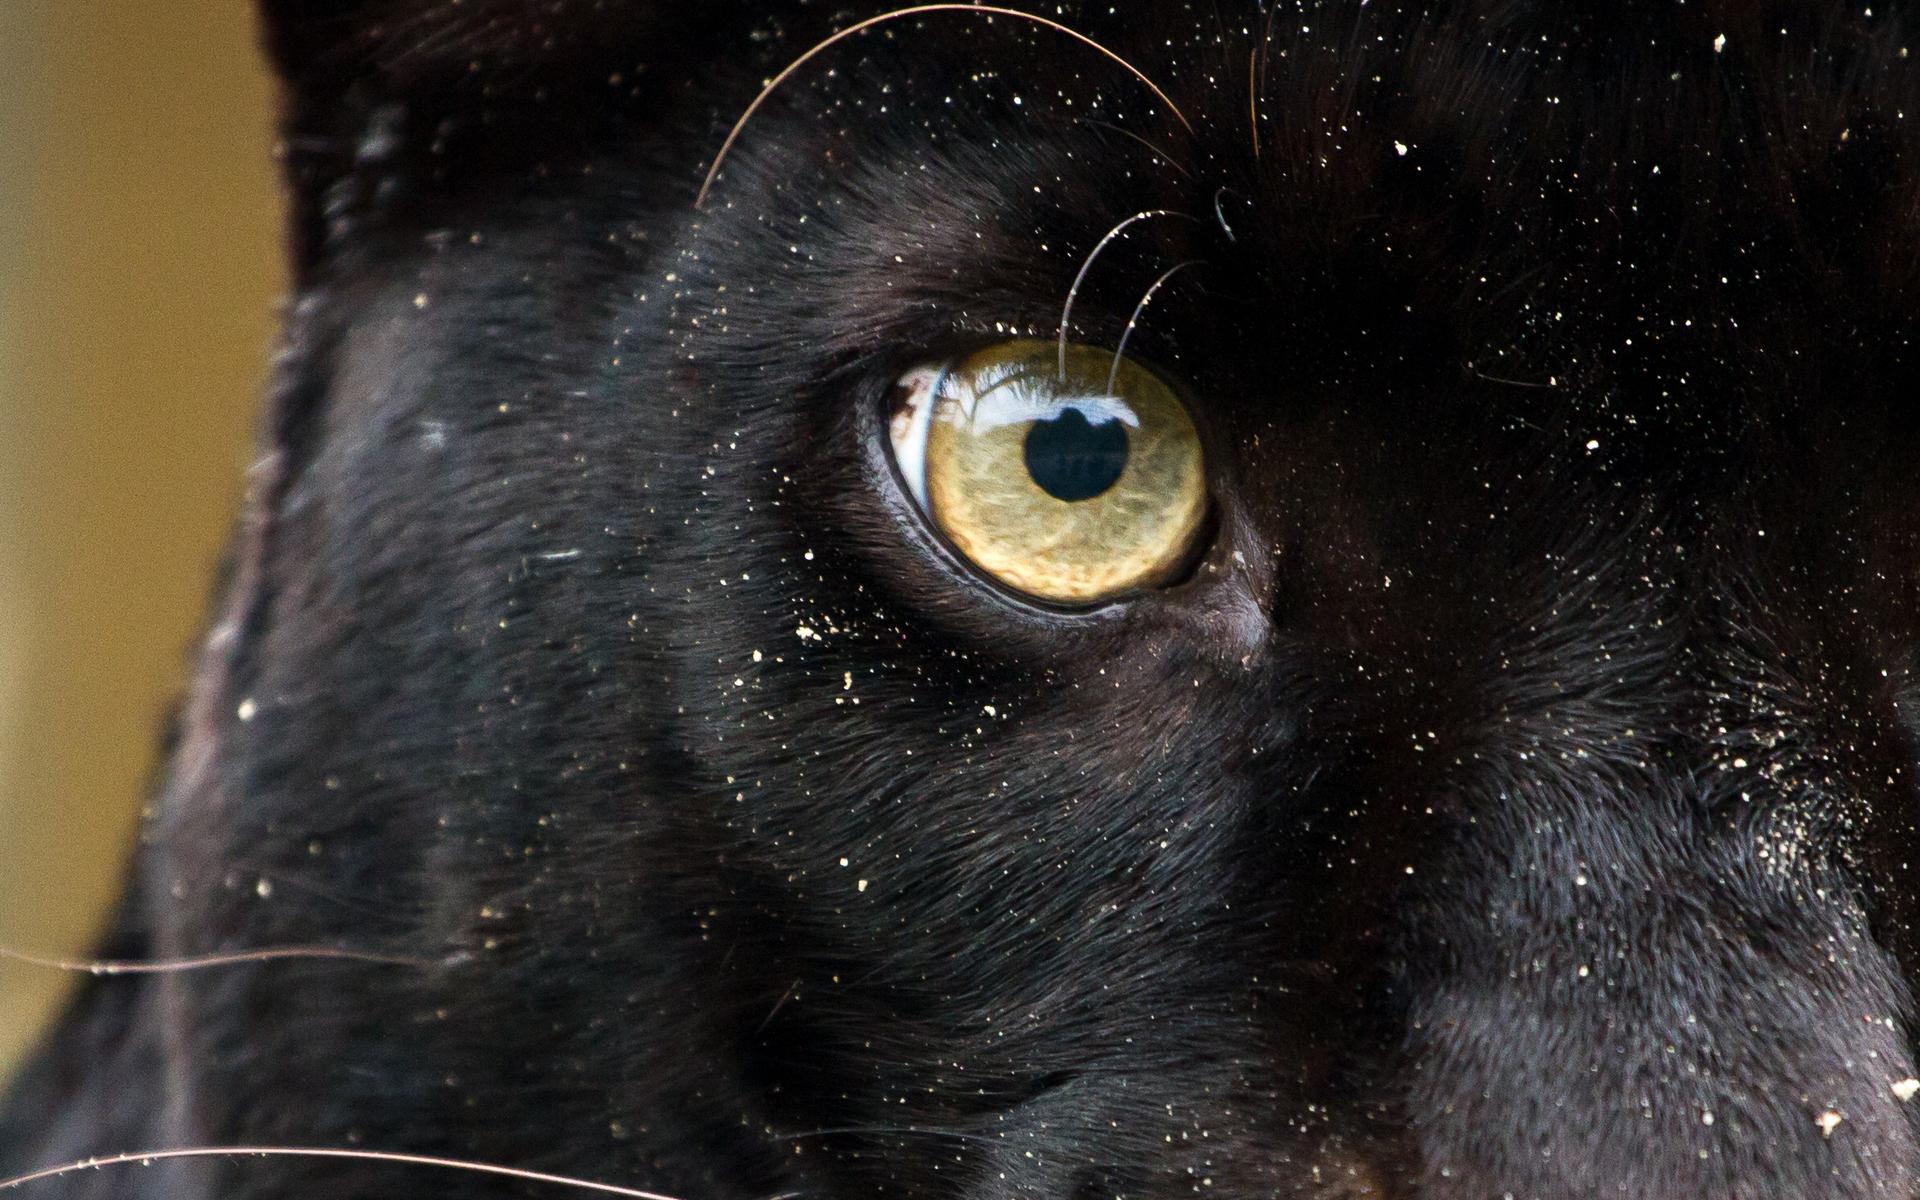 картинка глаза пантеры с голубыми глазами если кого-то завалялись